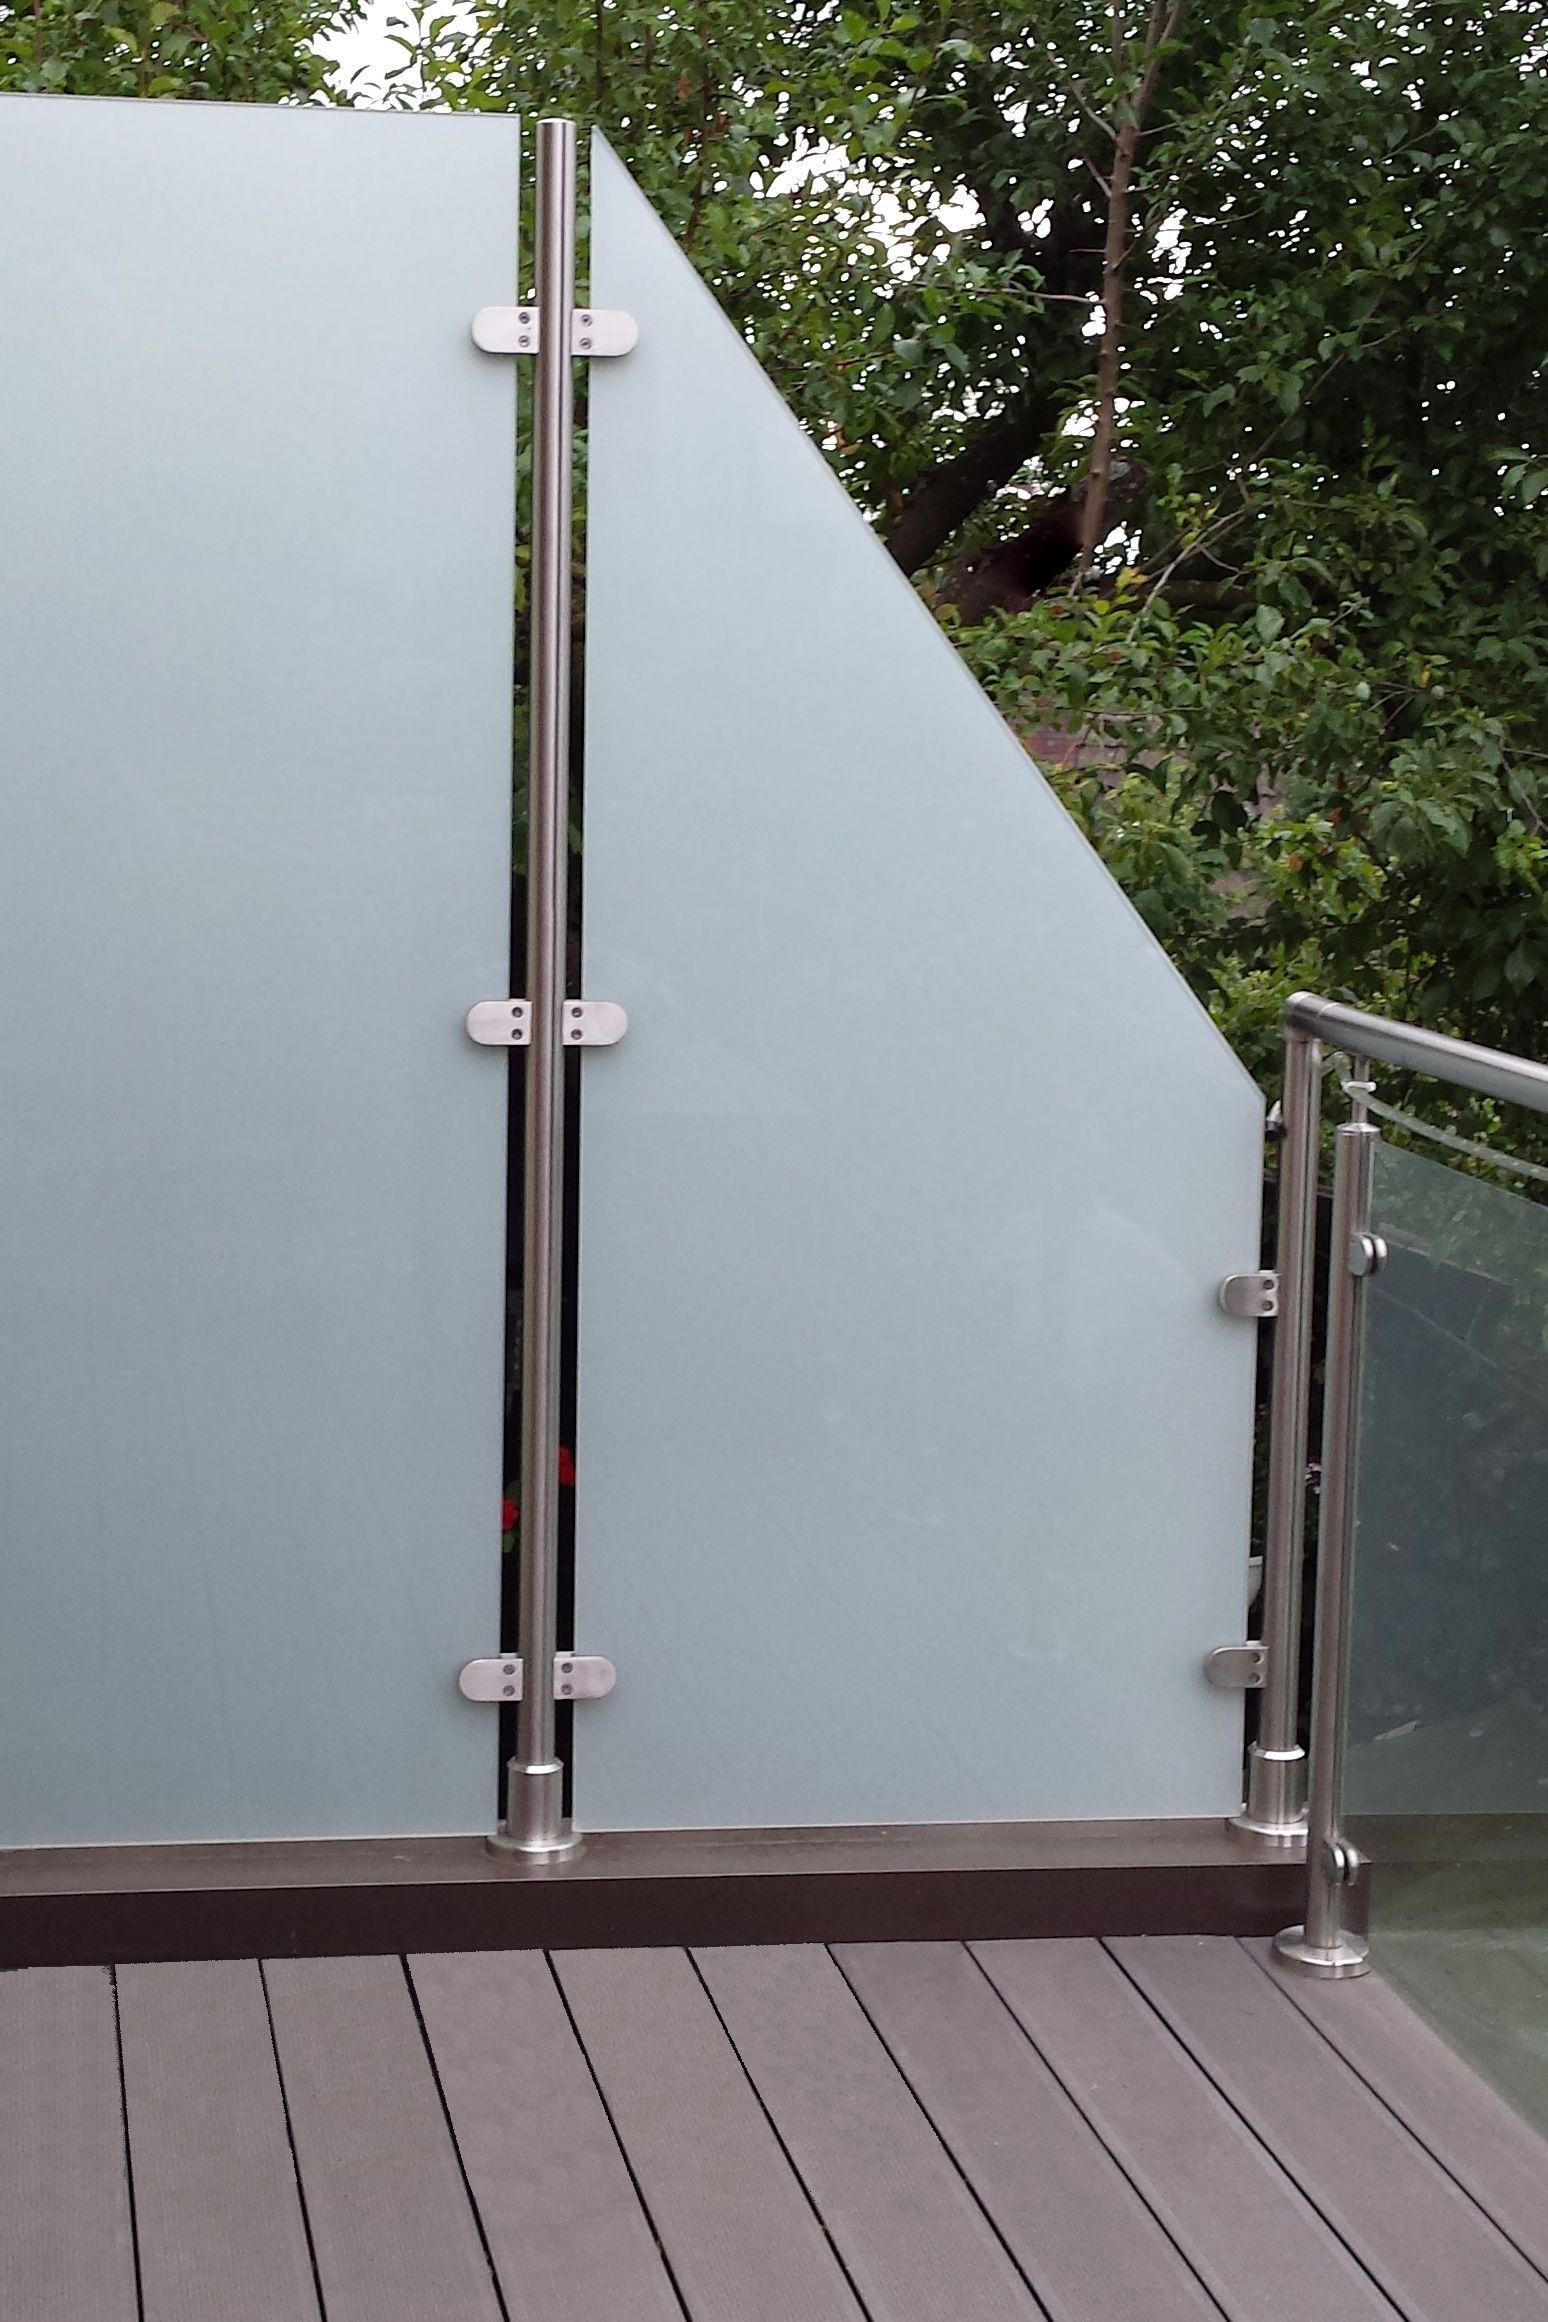 Full Size of Abtrennwand Garten Trennwand Holz Balkon Sichtschutz Metall Sondereigentum Plexiglas Ikea Feuerschale Bewässerungssysteme Test Lärmschutzwand Lounge Möbel Wohnzimmer Abtrennwand Garten